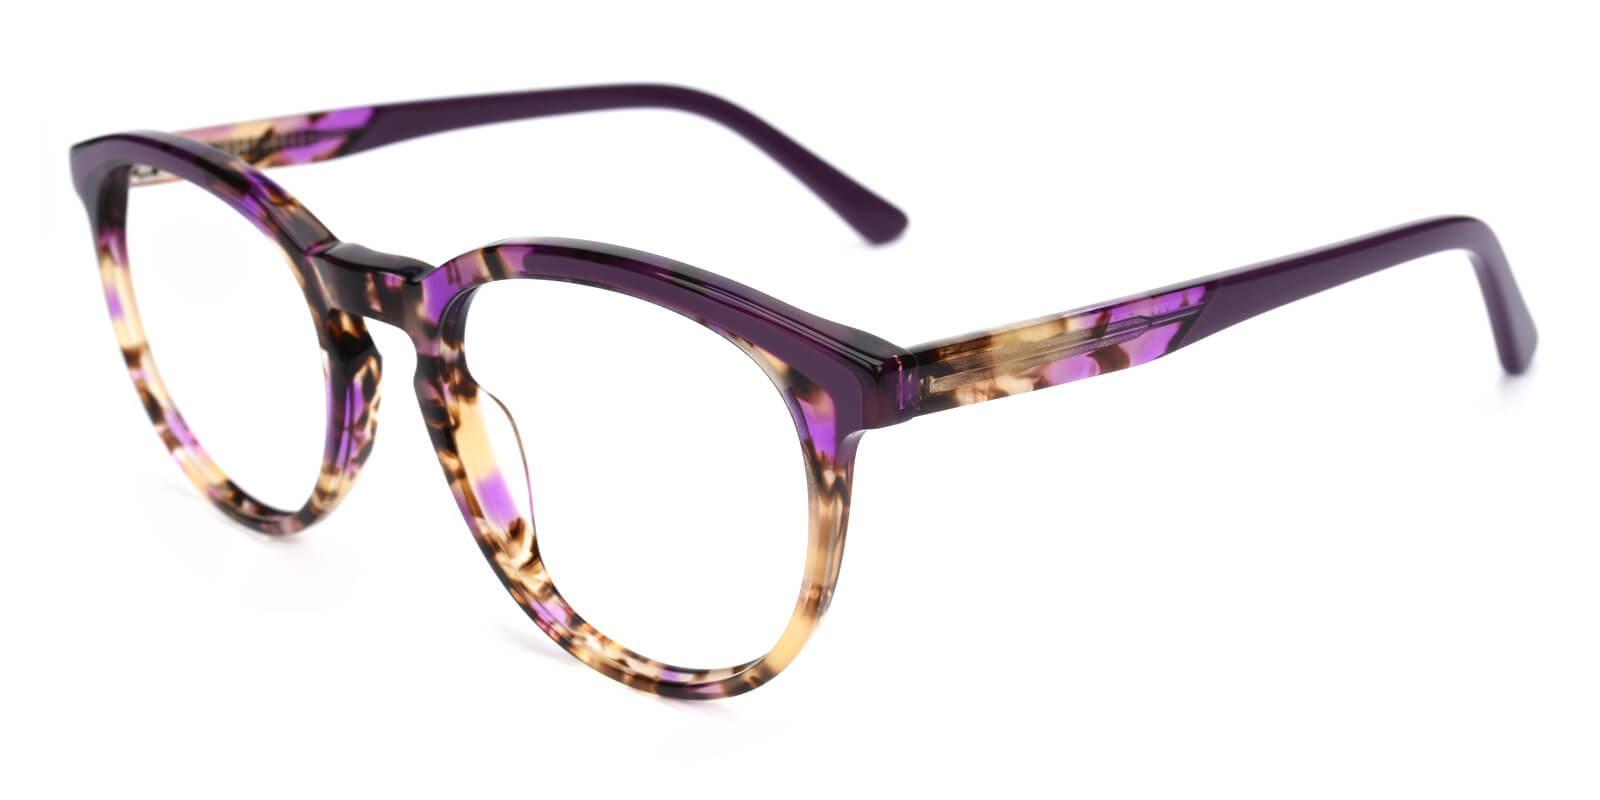 Deborah-Purple-Oval-Acetate-Eyeglasses-additional1